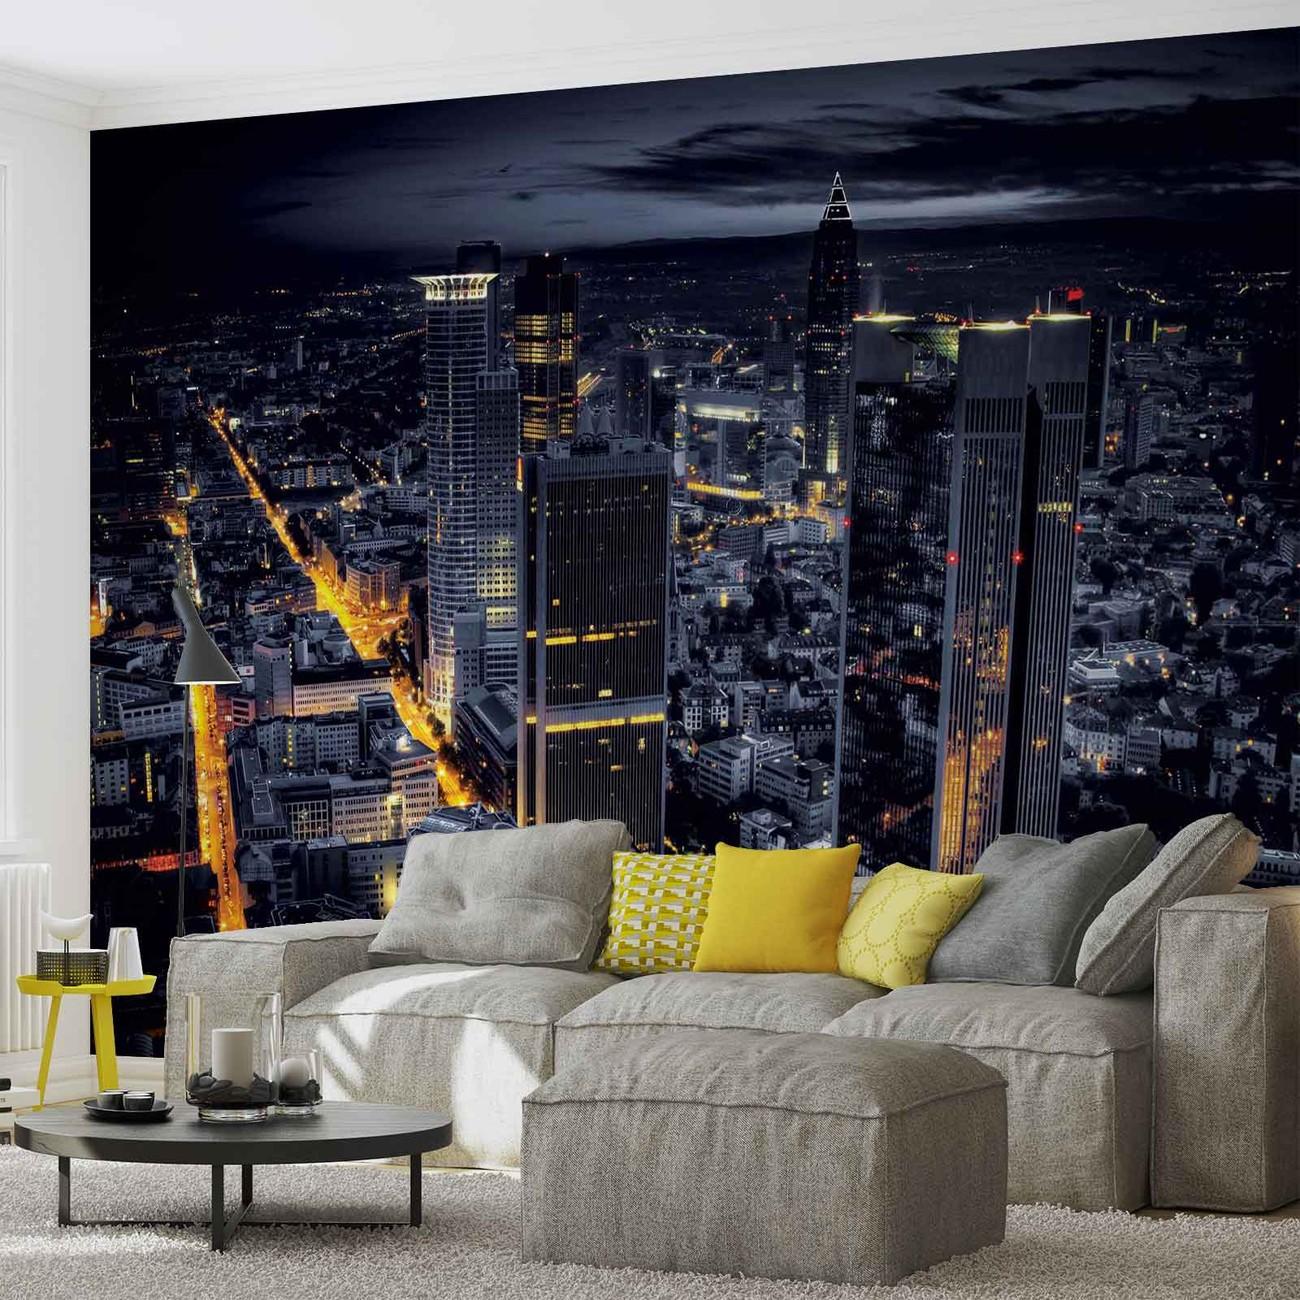 City Frankfurt Skyline Night Lights Wallpaper Mural